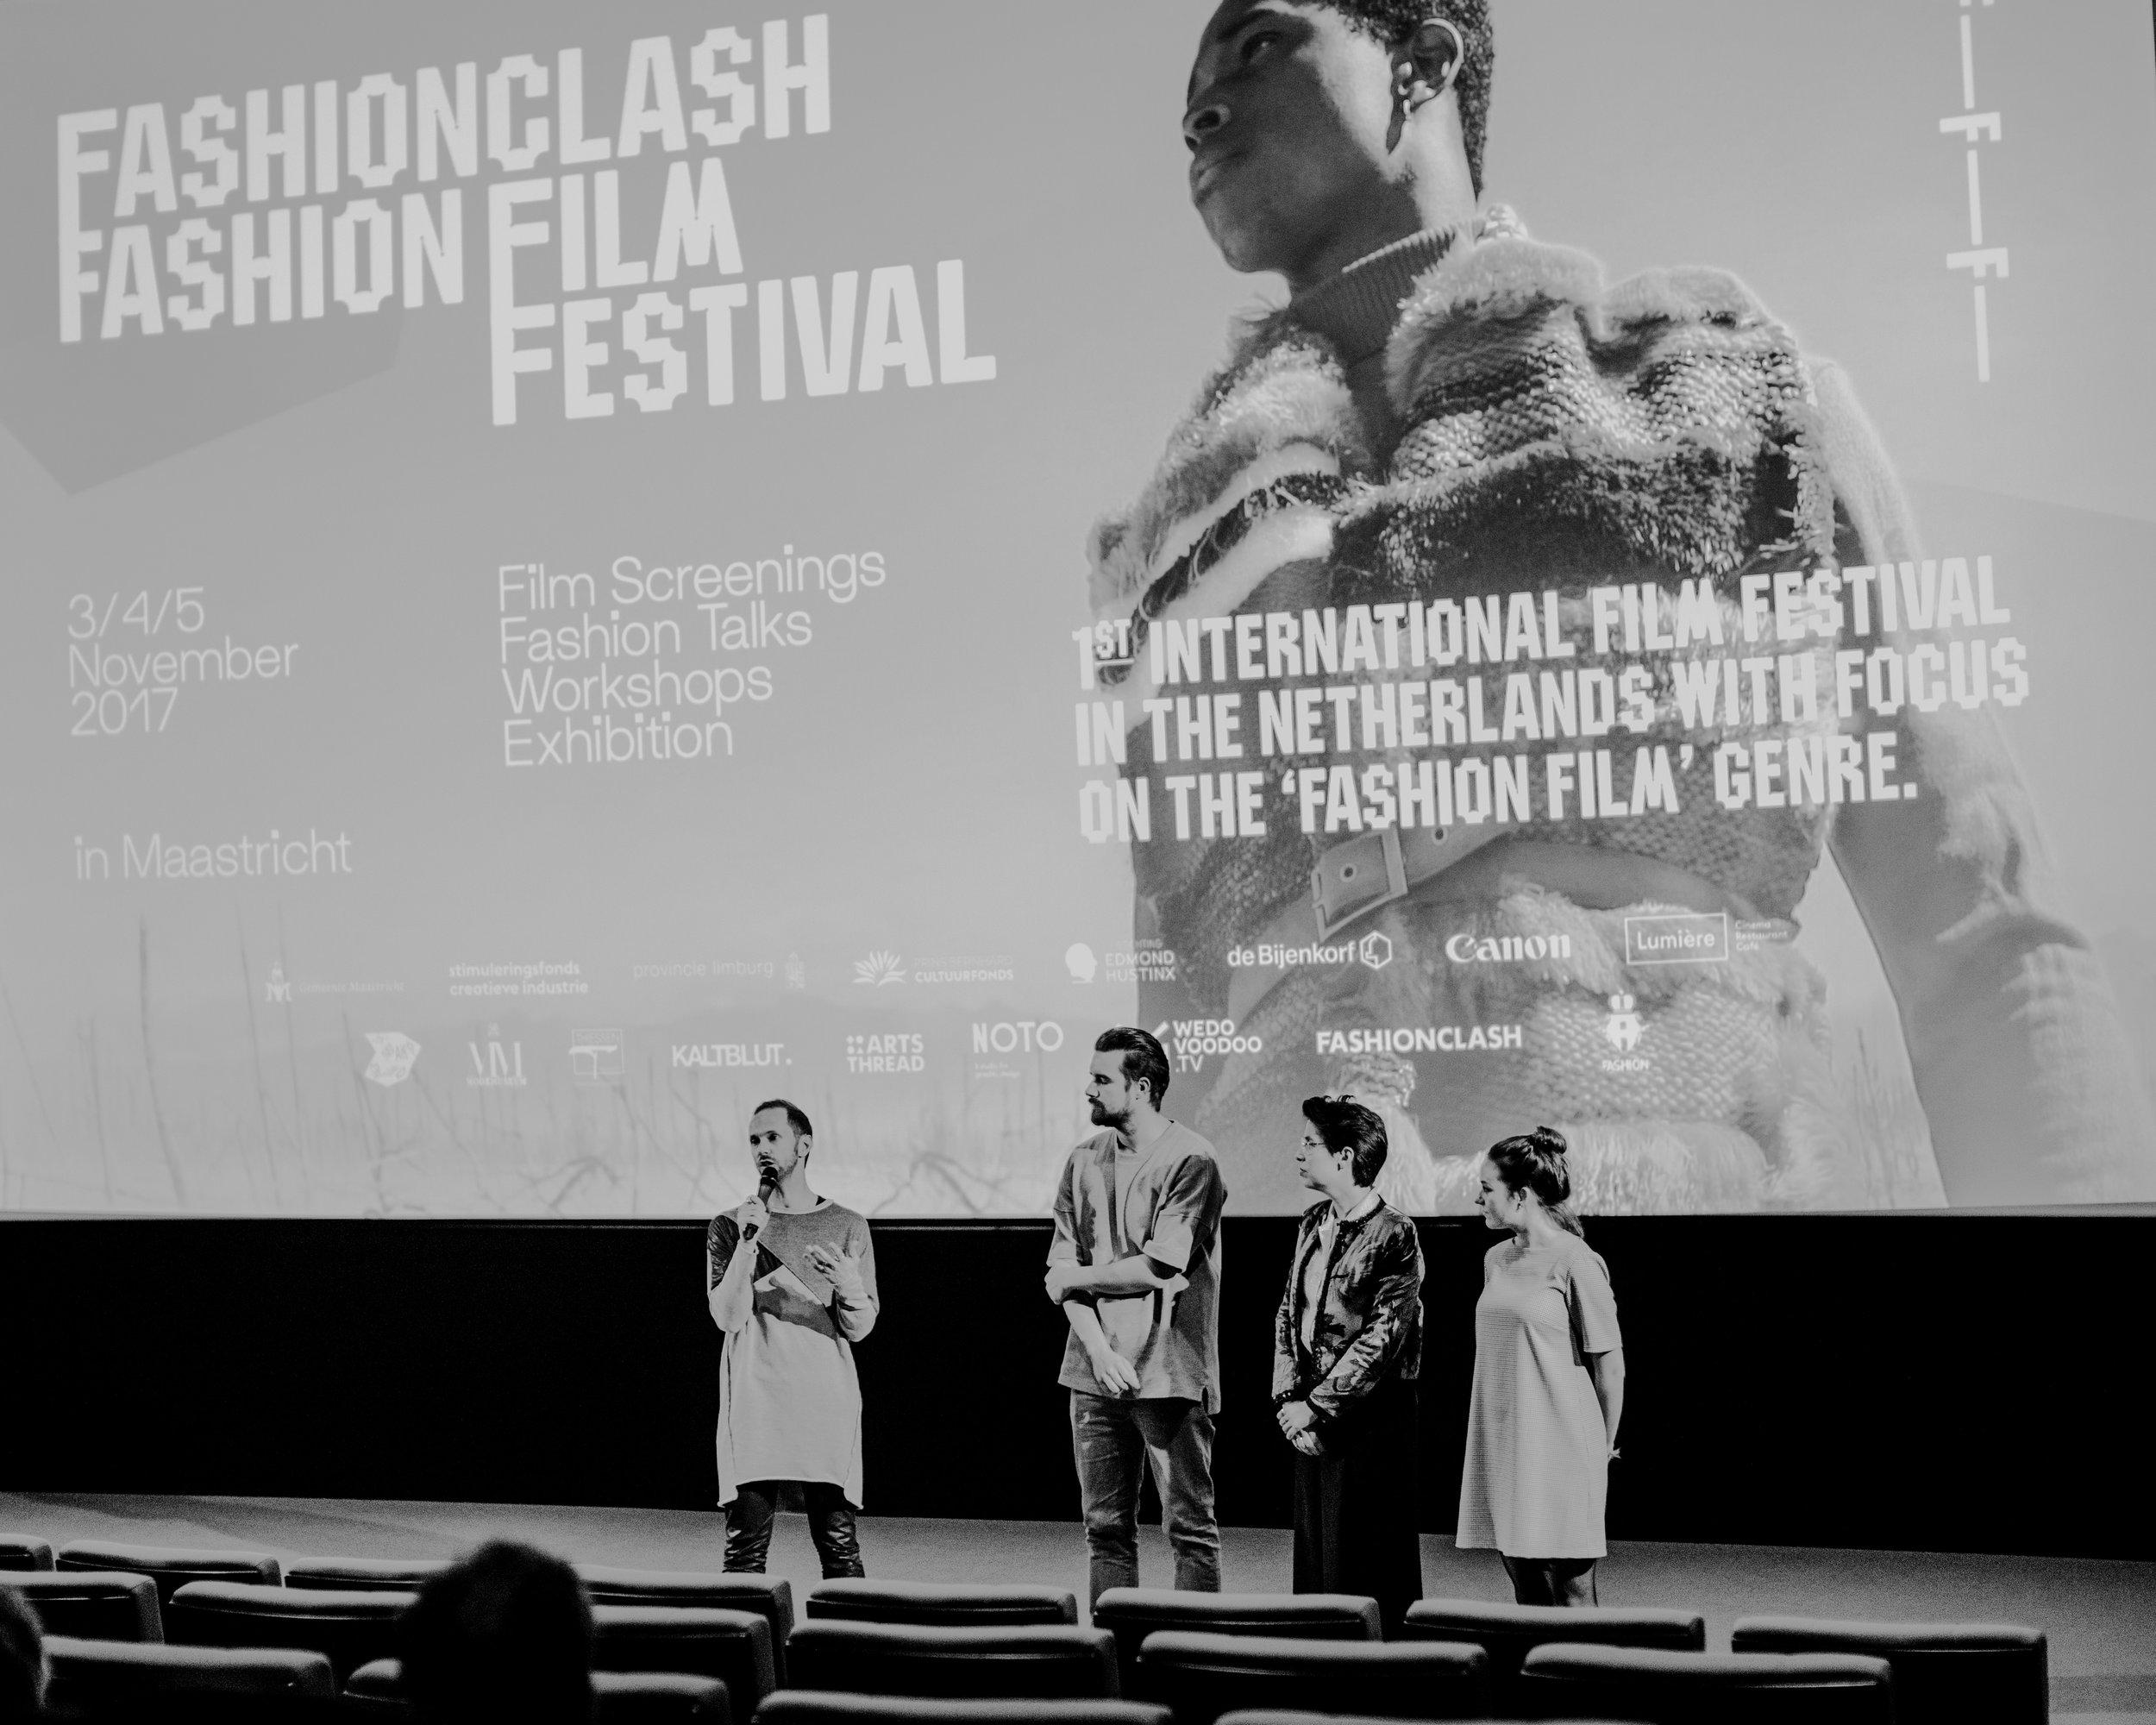 FASHIONCLASH-Team_photo-Sem-Shayne-1.jpg